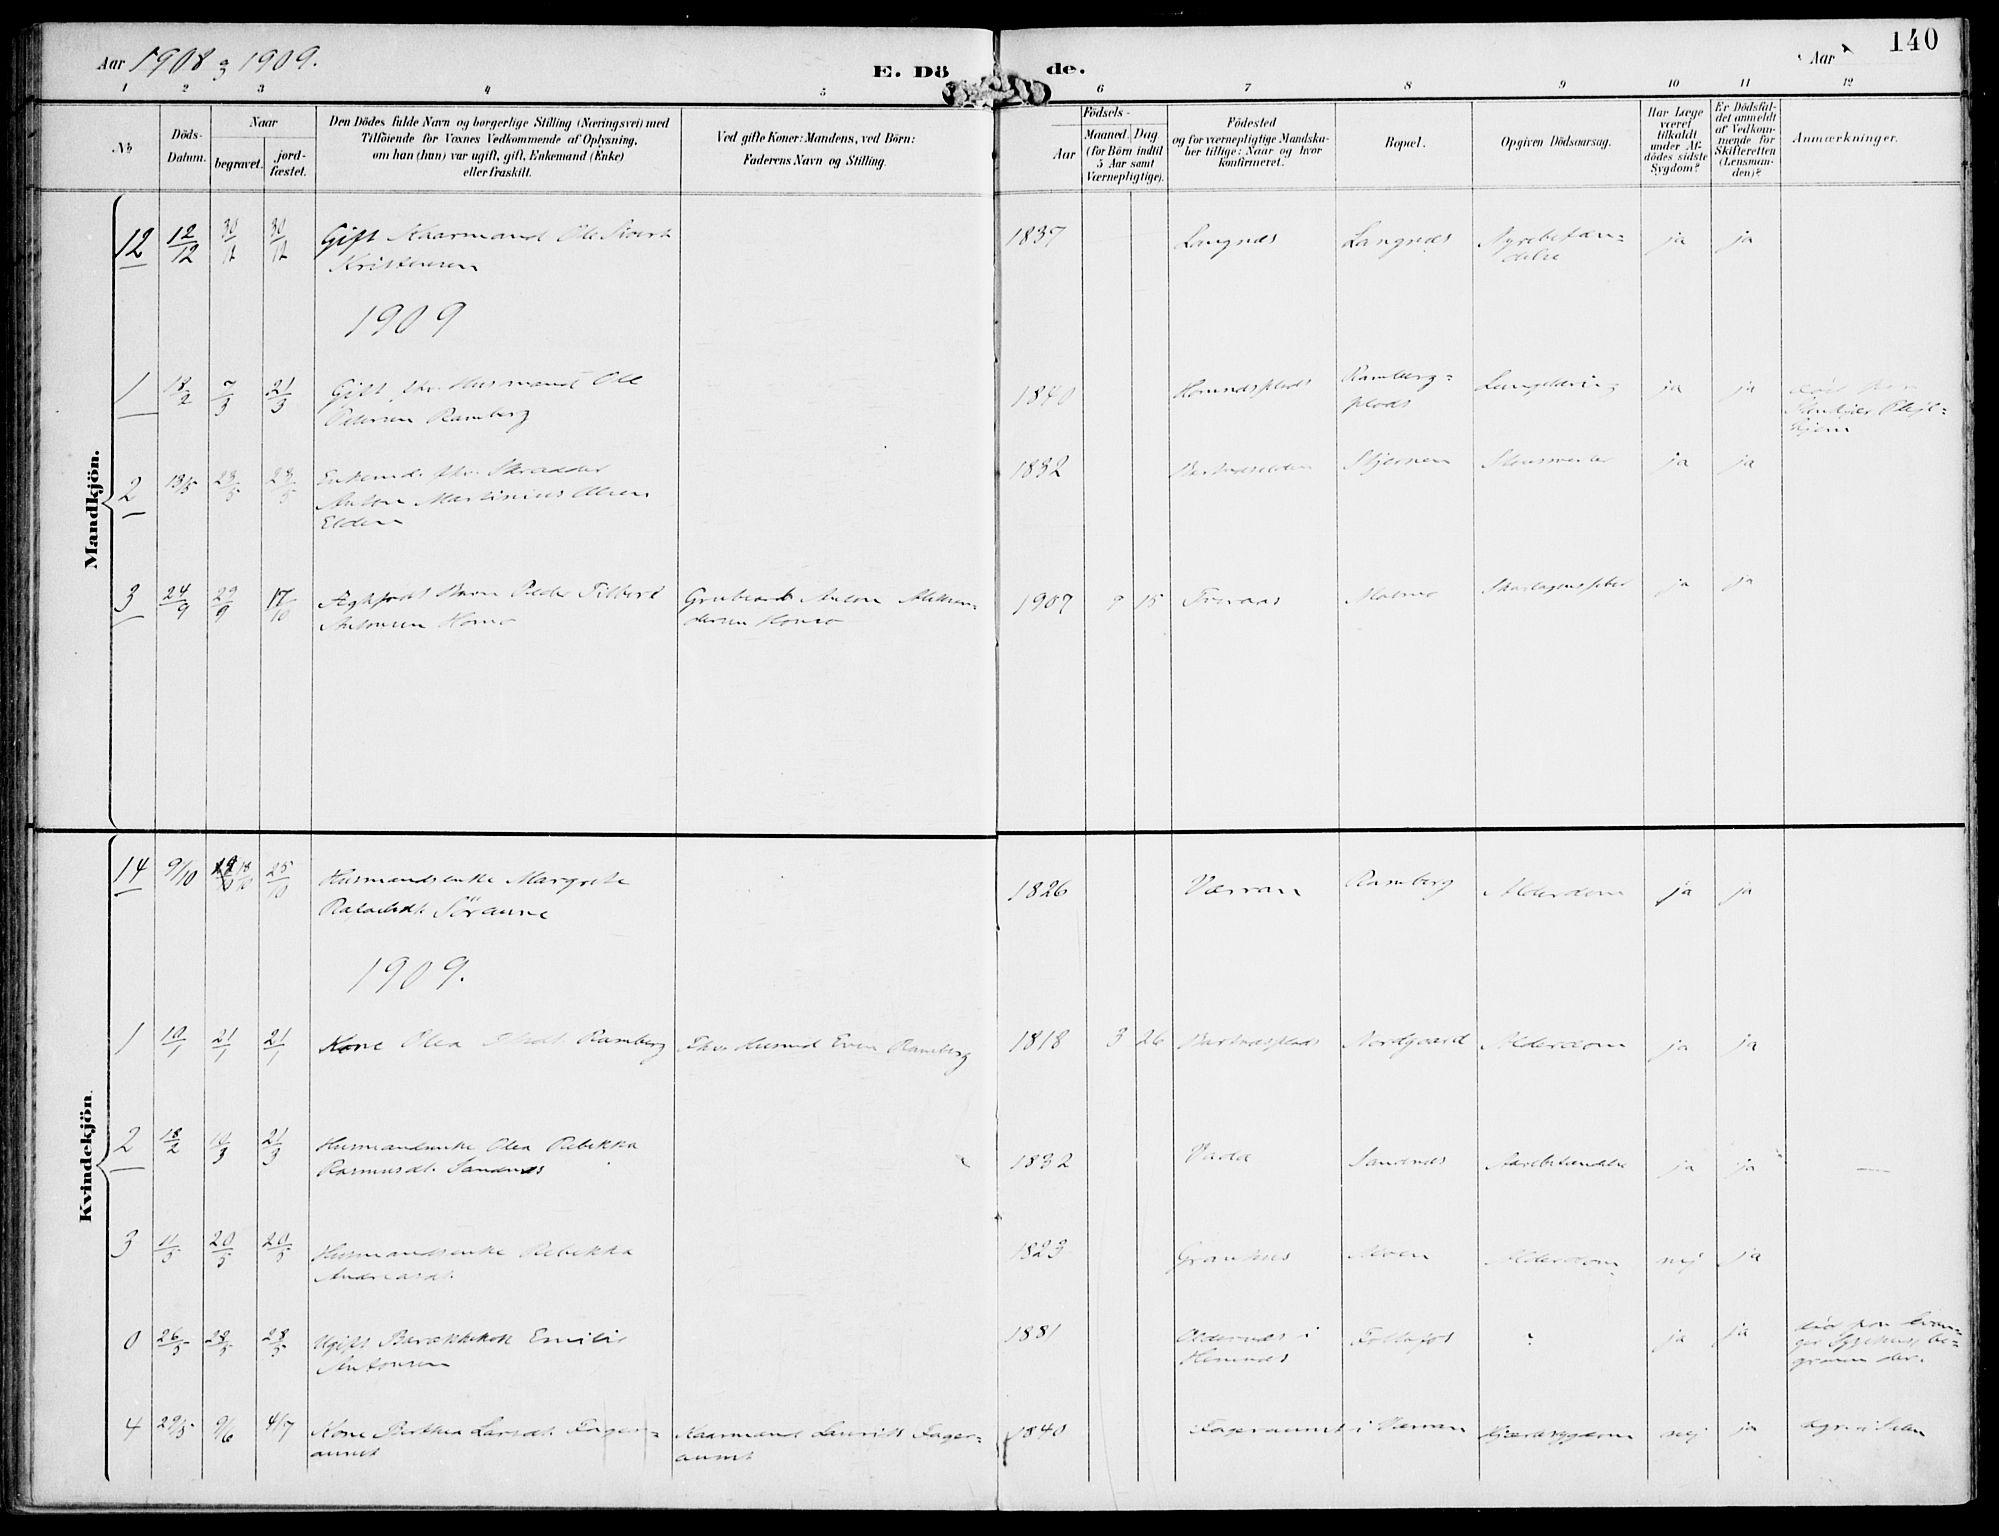 SAT, Ministerialprotokoller, klokkerbøker og fødselsregistre - Nord-Trøndelag, 745/L0430: Ministerialbok nr. 745A02, 1895-1913, s. 140